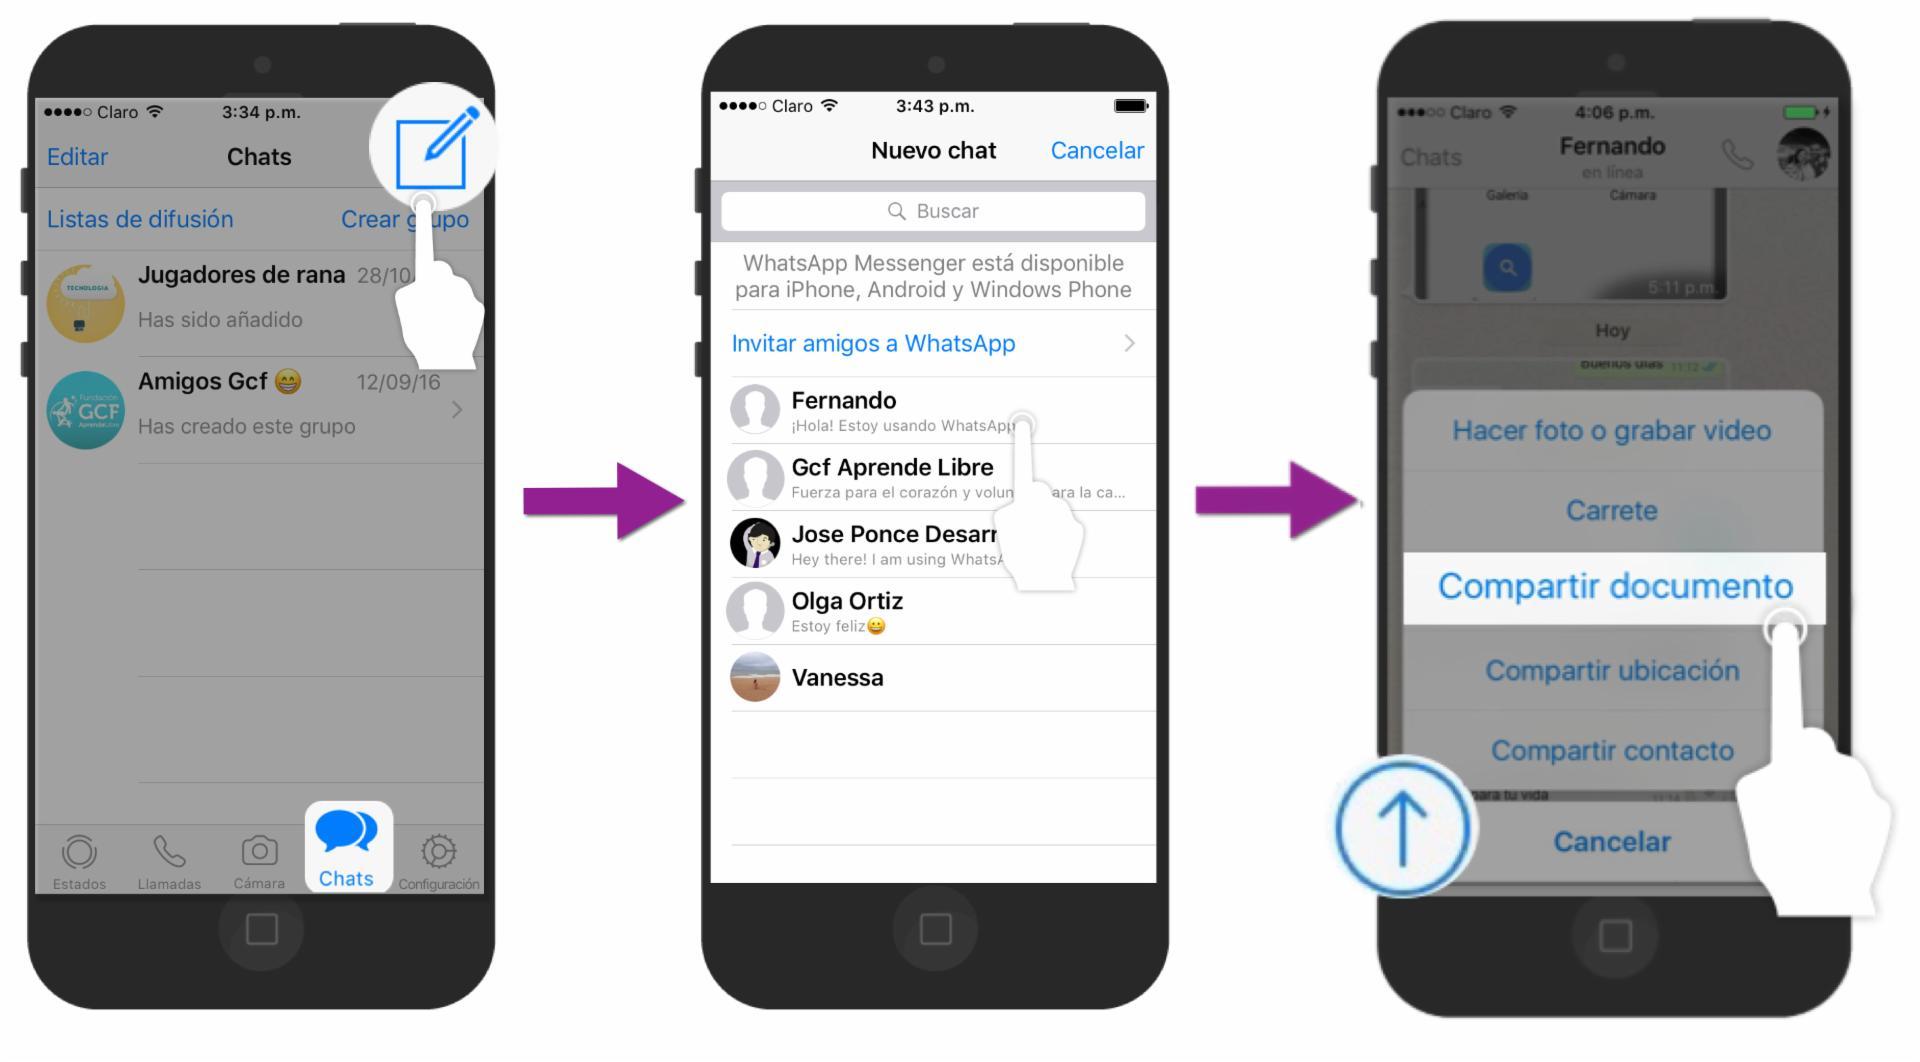 Presiona sobre el botón Compartir y pulsa Compartir documento.